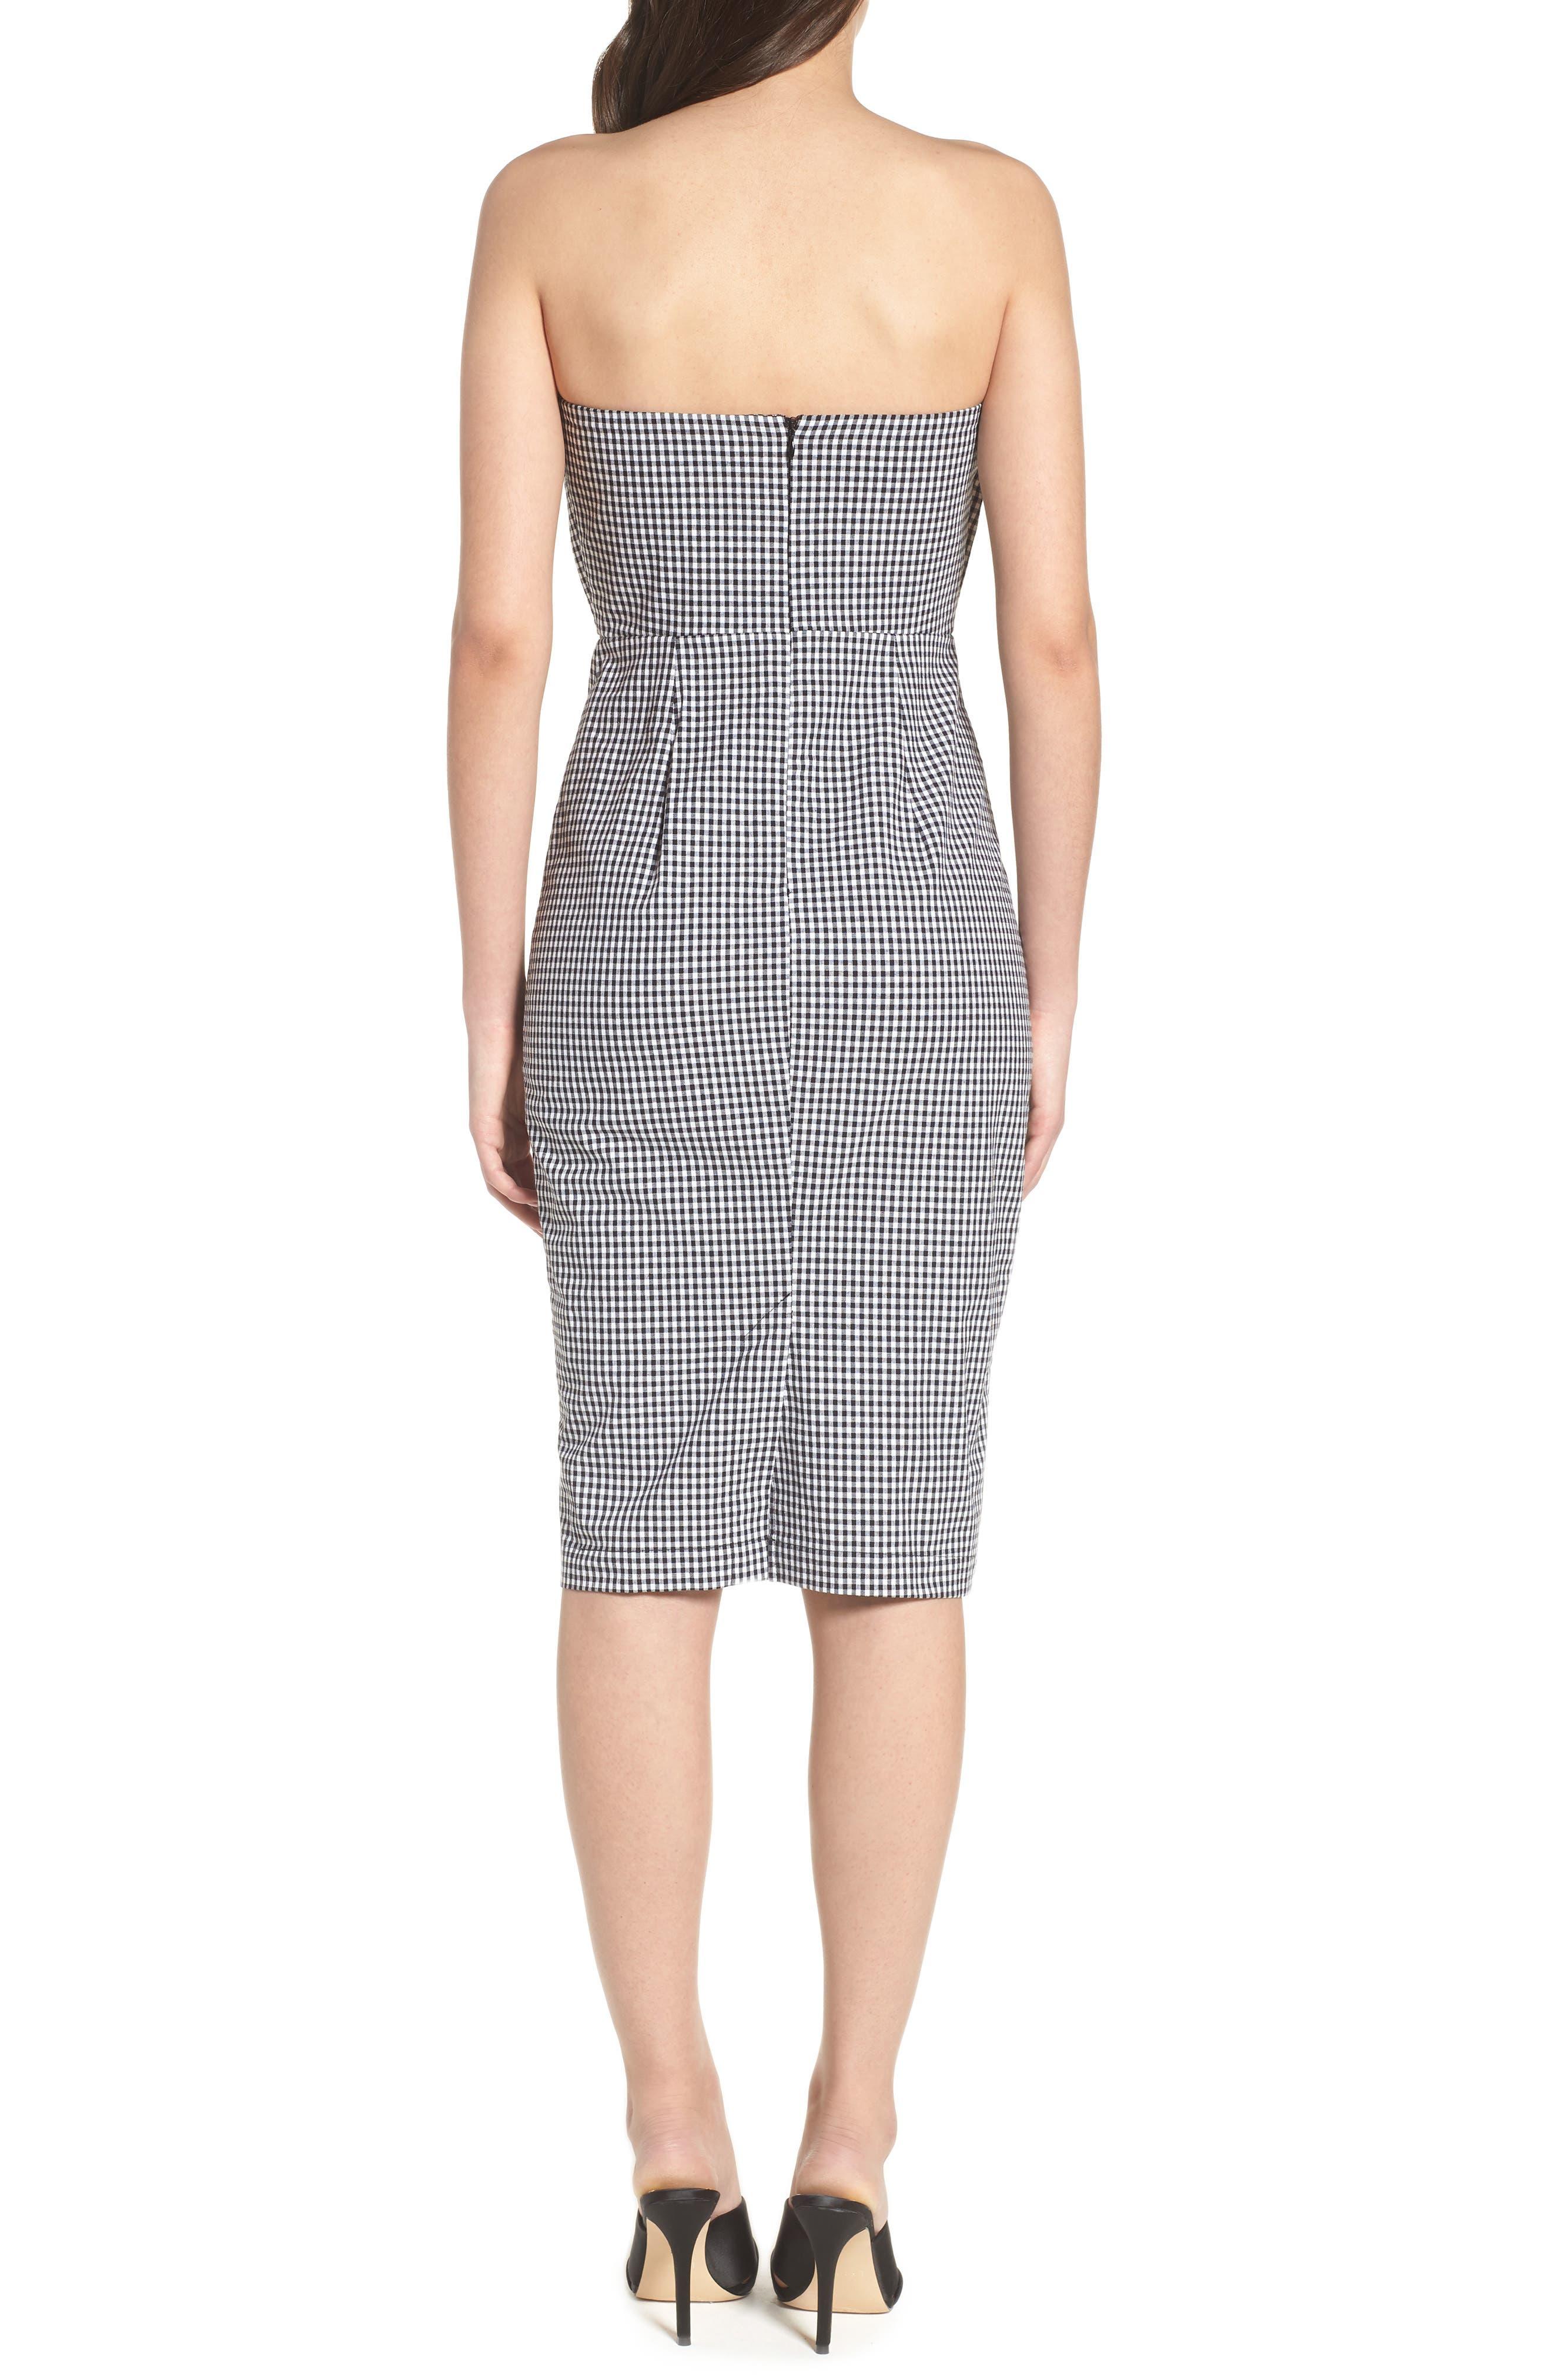 Strapless Gingham Dress,                             Alternate thumbnail 2, color,                             Black Gingham Stripe